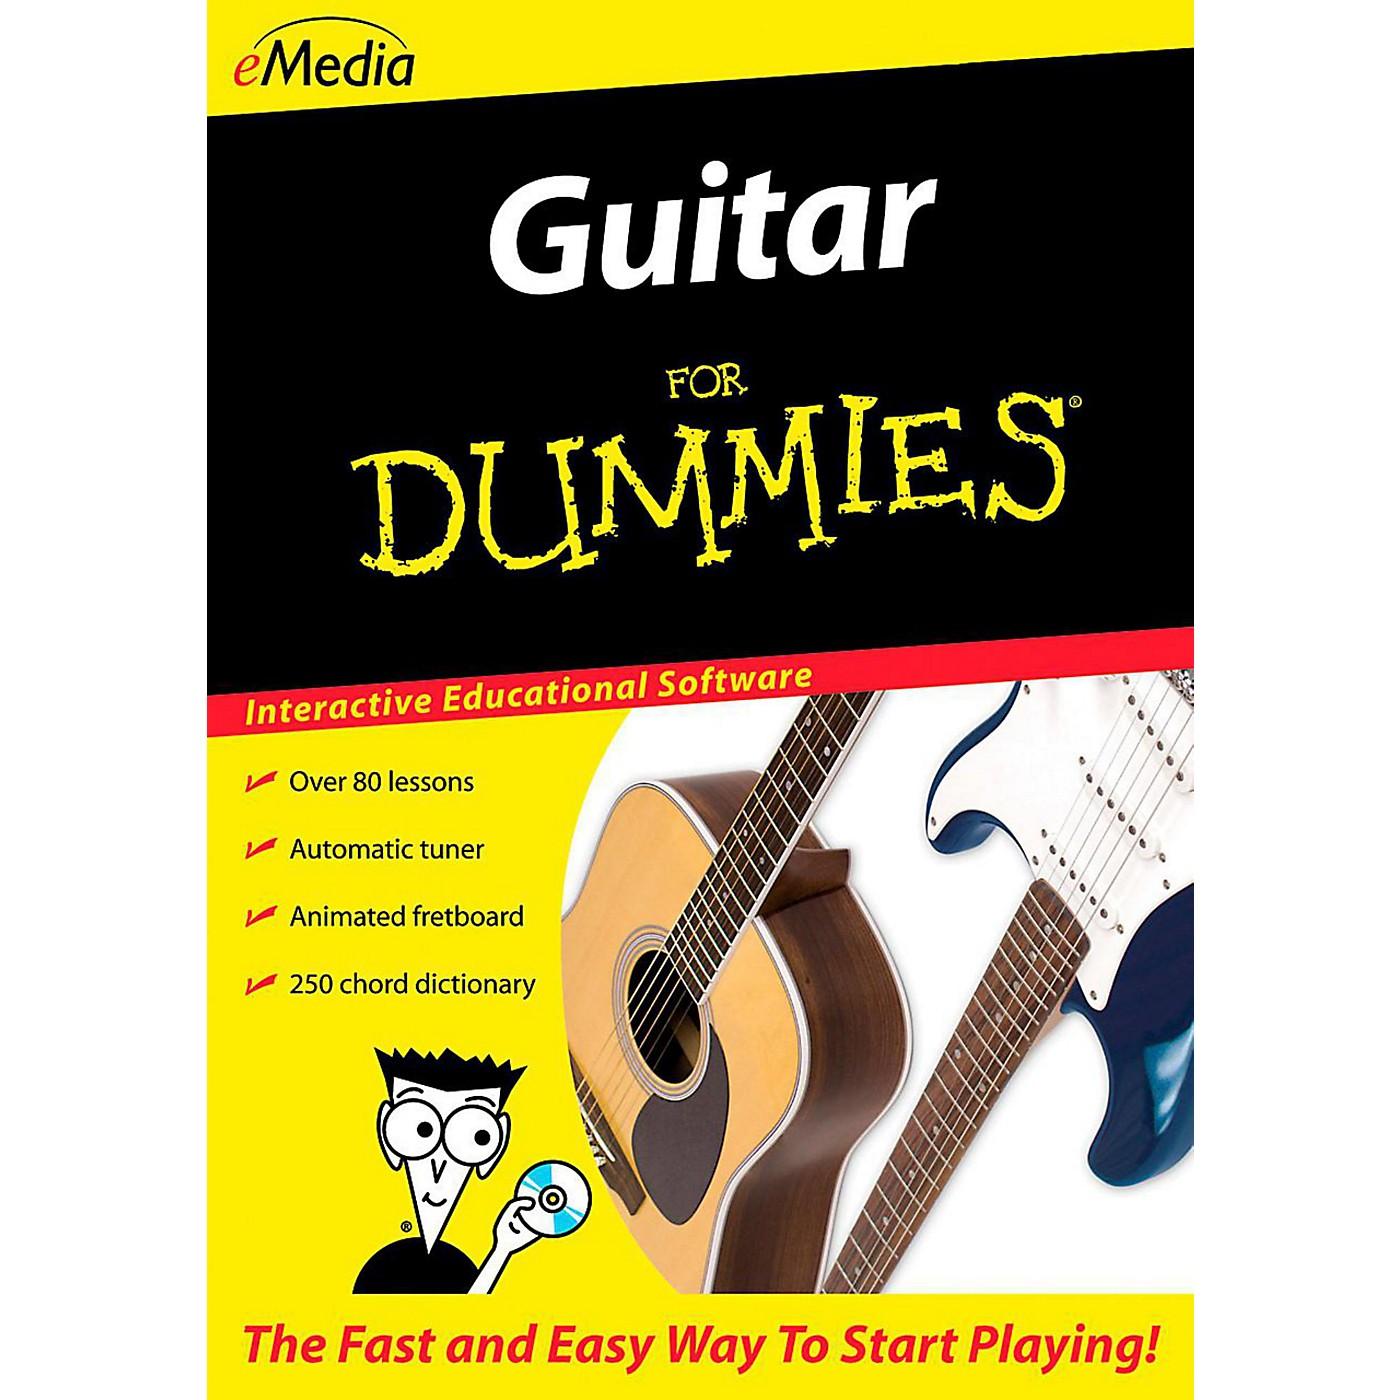 eMedia Guitar For Dummies - Digital Download thumbnail